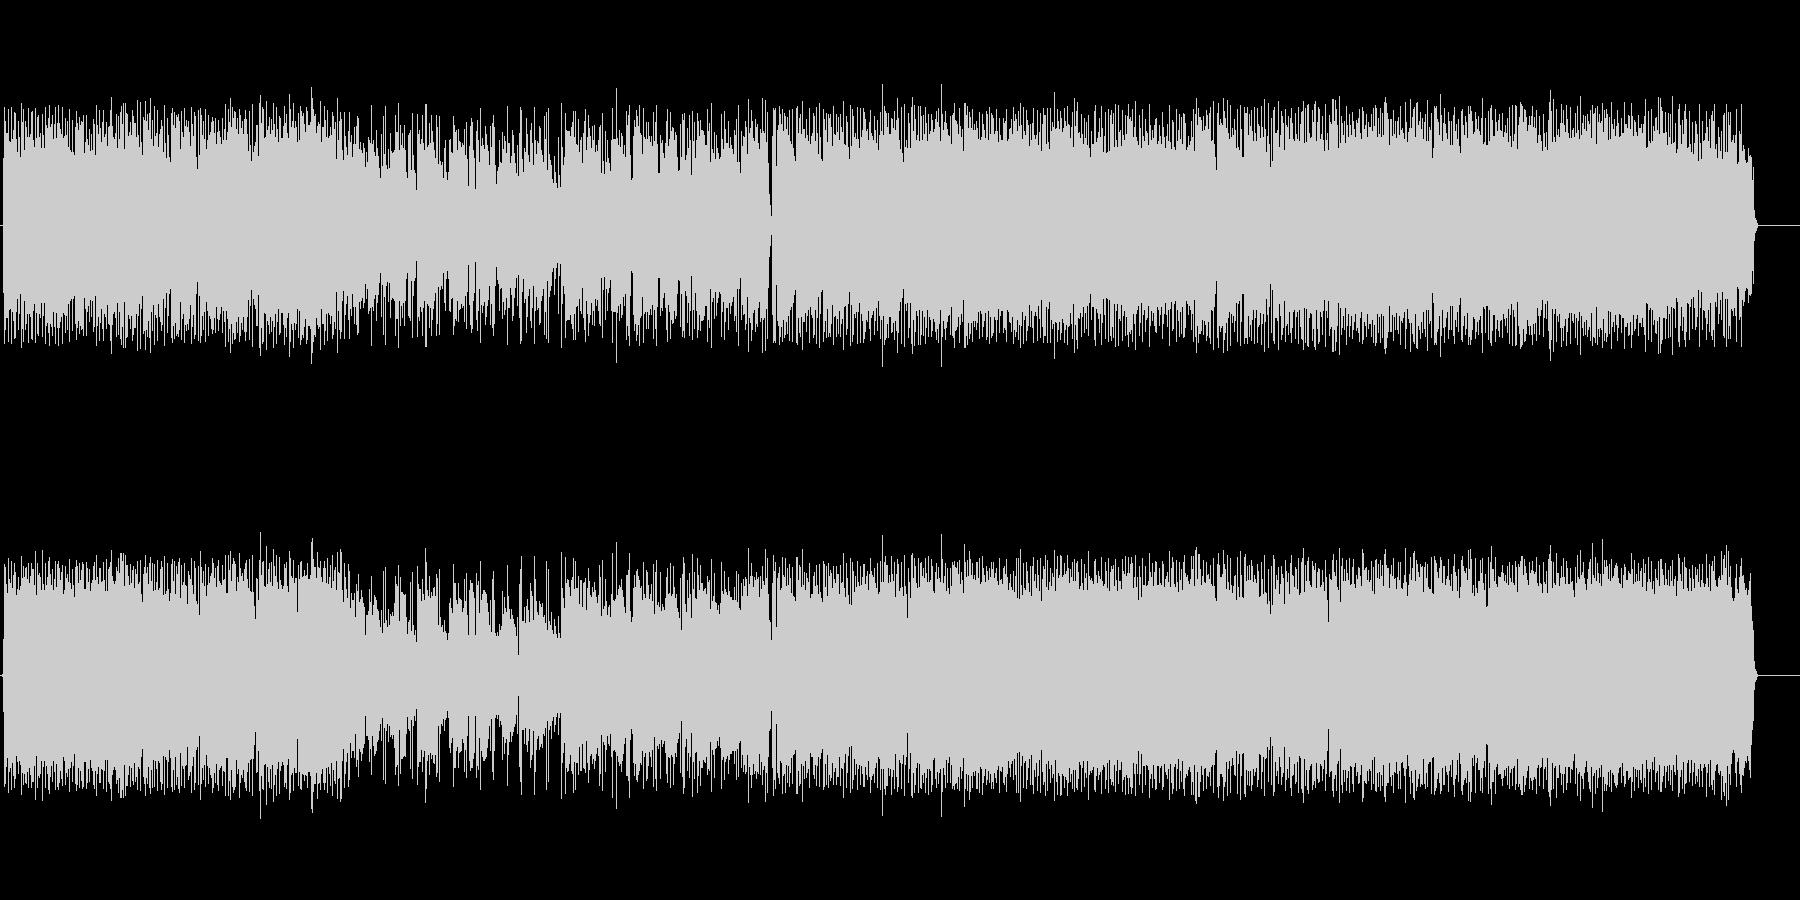 ブライダル永遠 80年代風フォークロックの未再生の波形